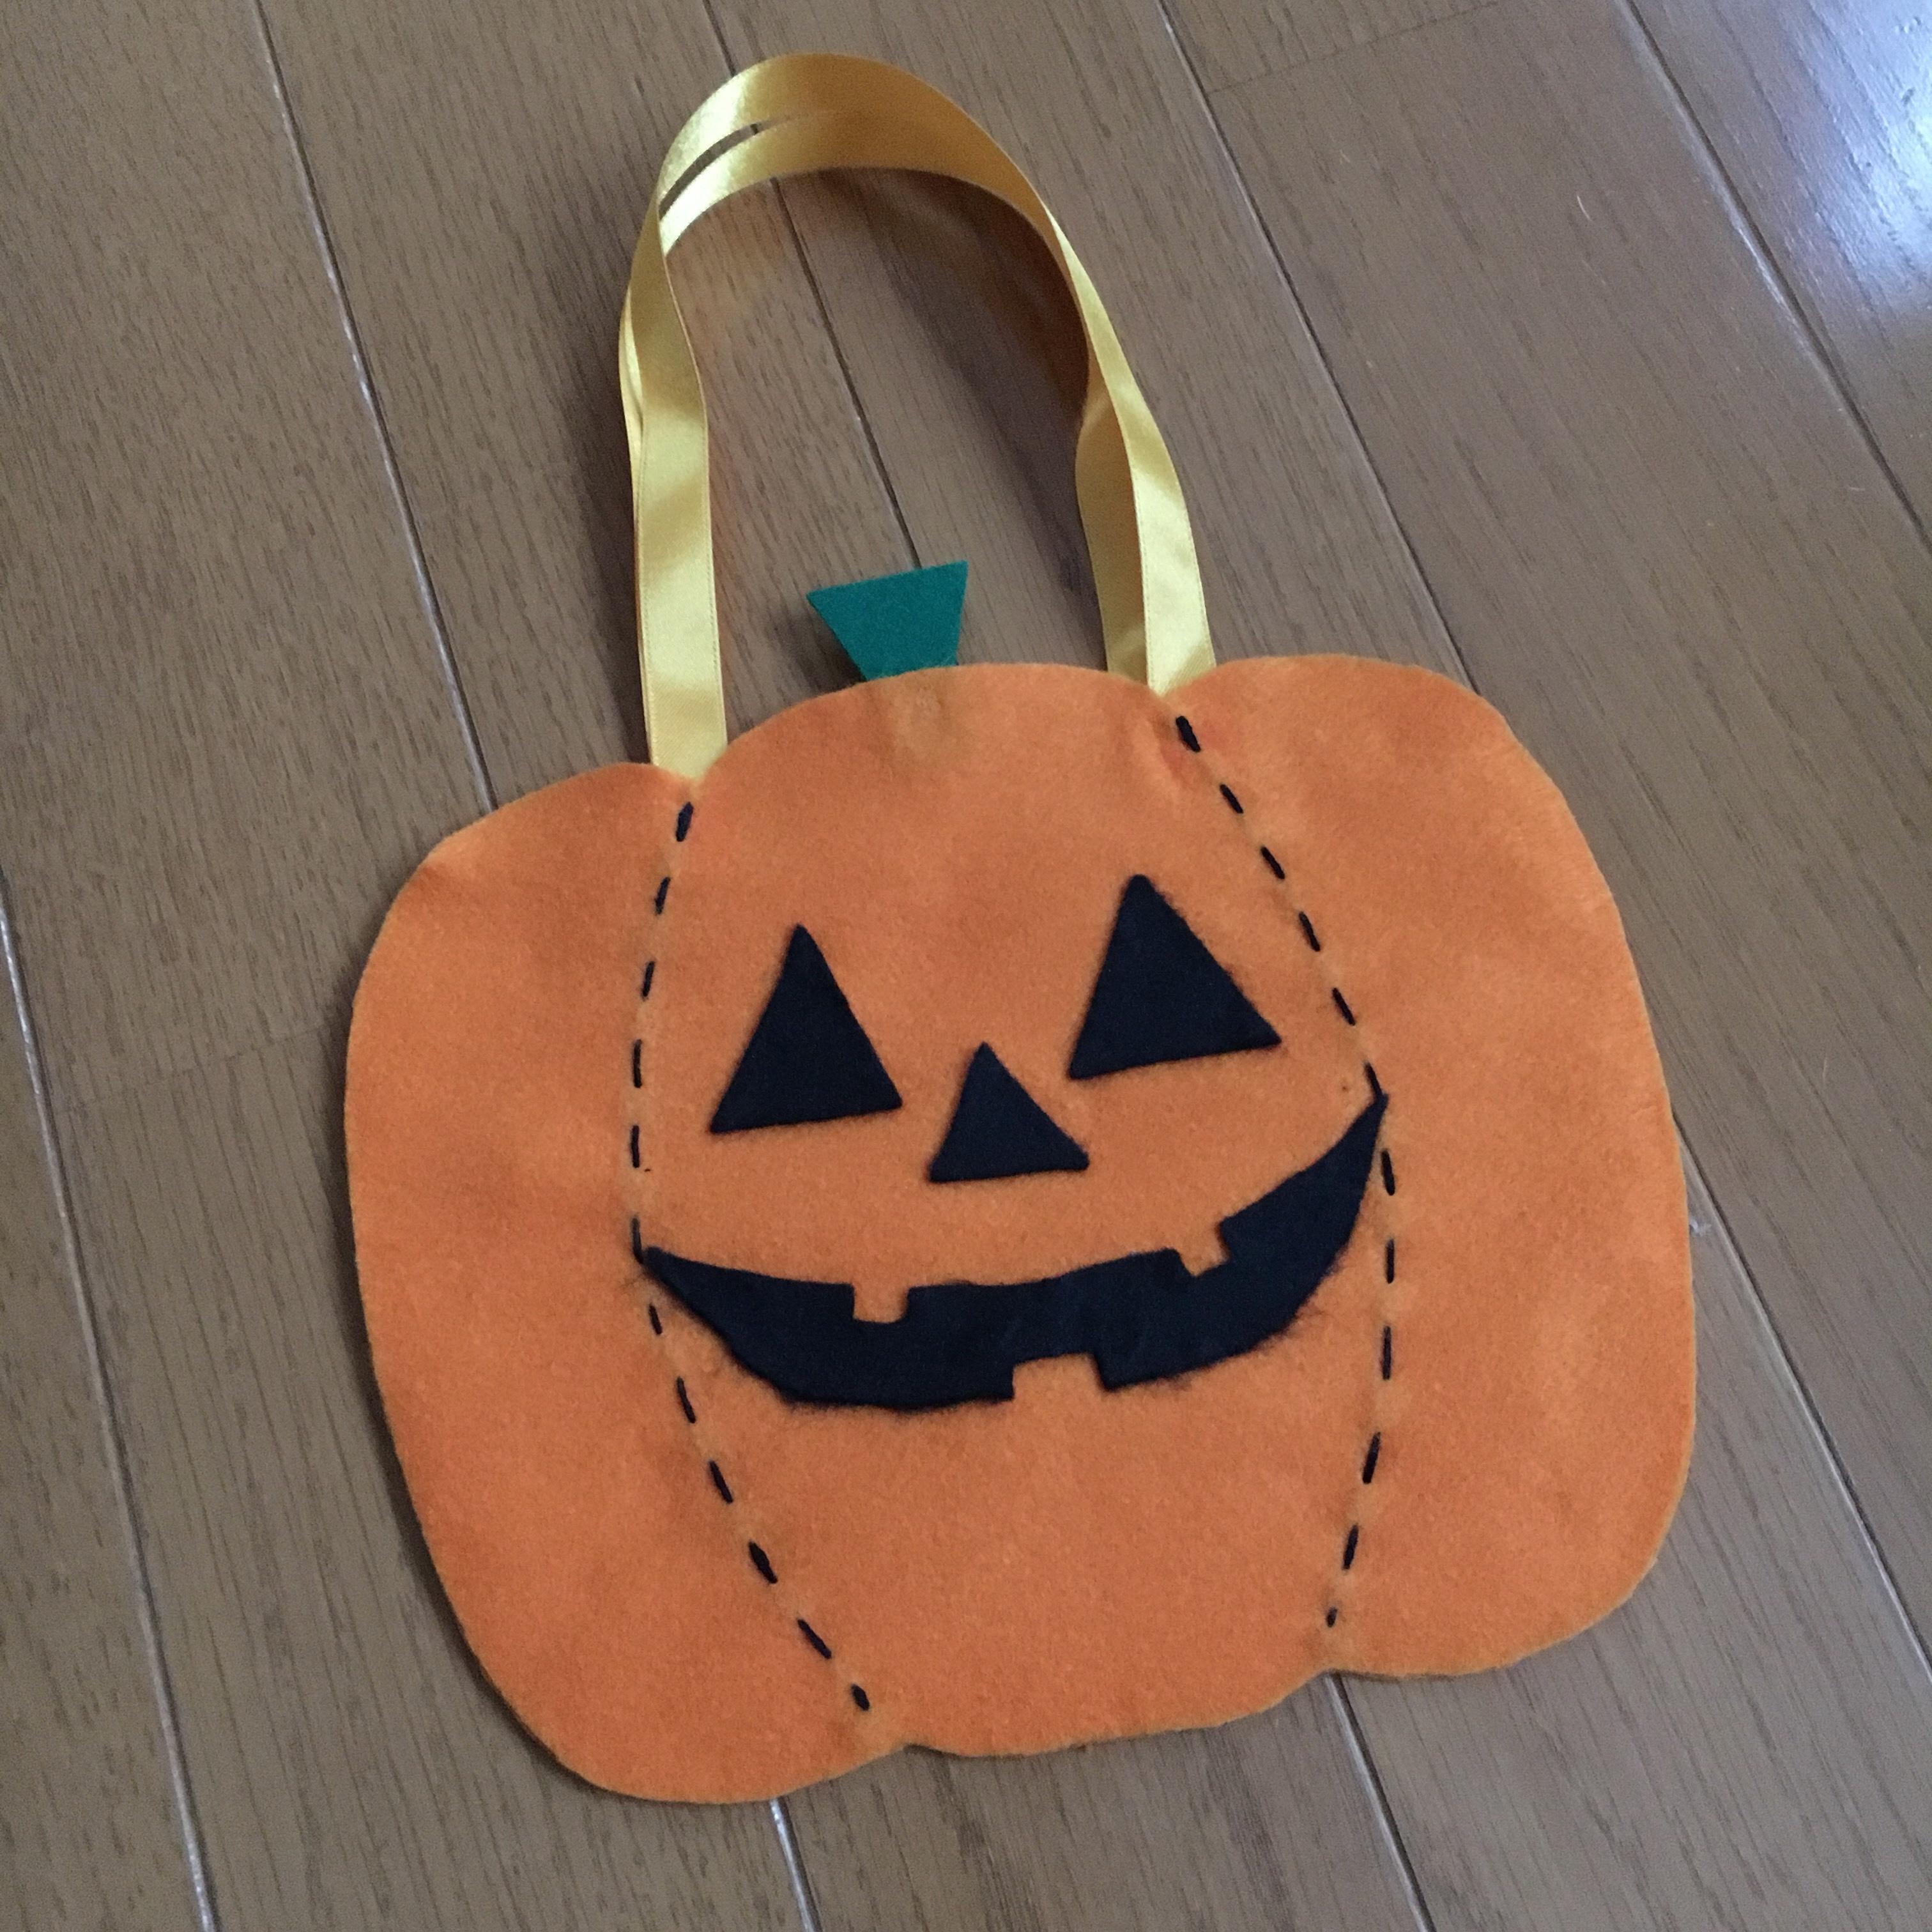 ハロウィンのお菓子バッグを手作り!かぼちゃ・おばけ・猫の